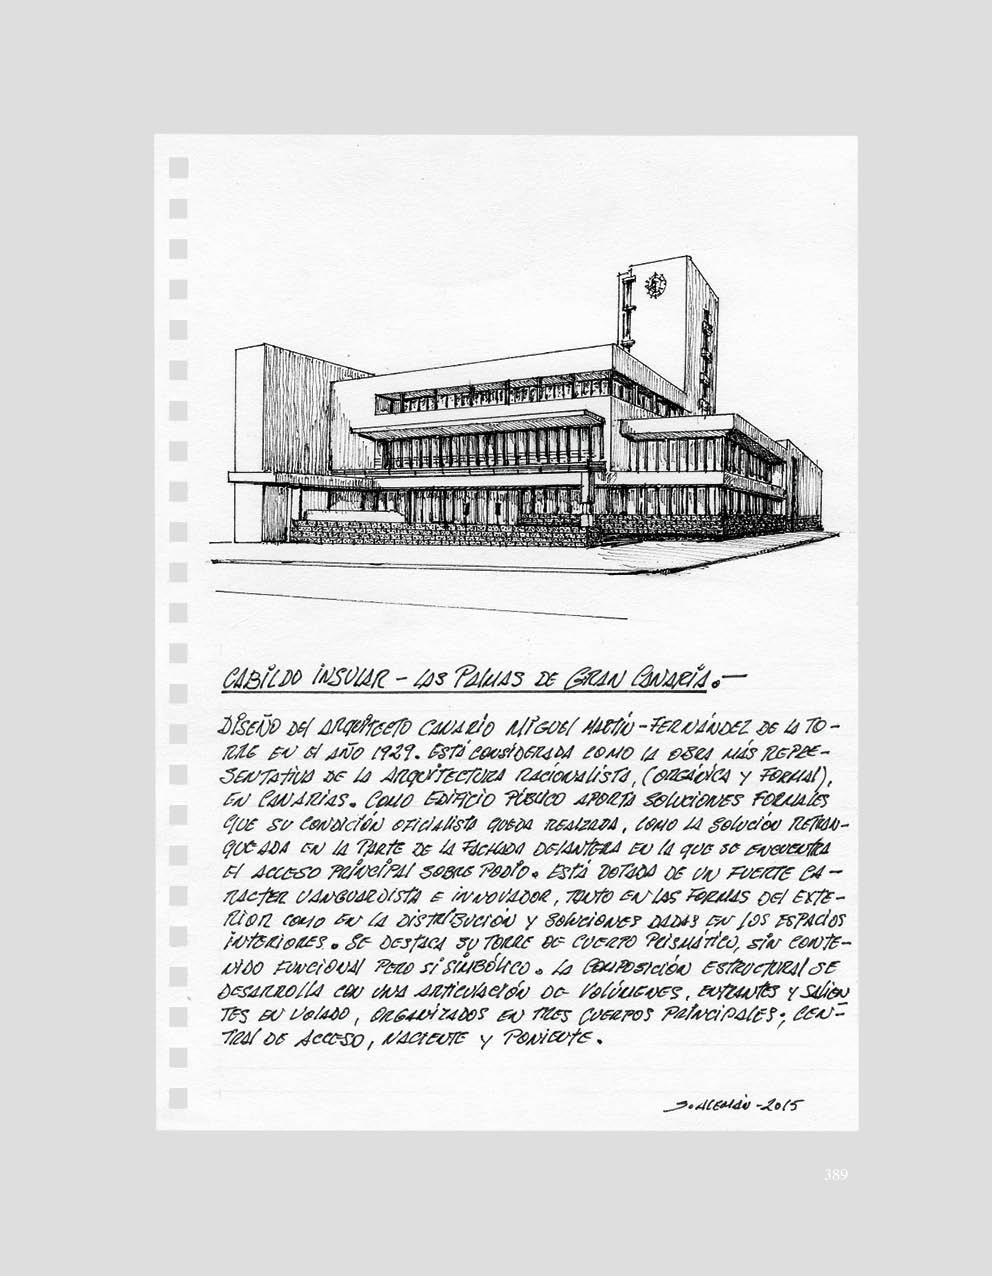 09 Libro S-Aleman 389.jpg